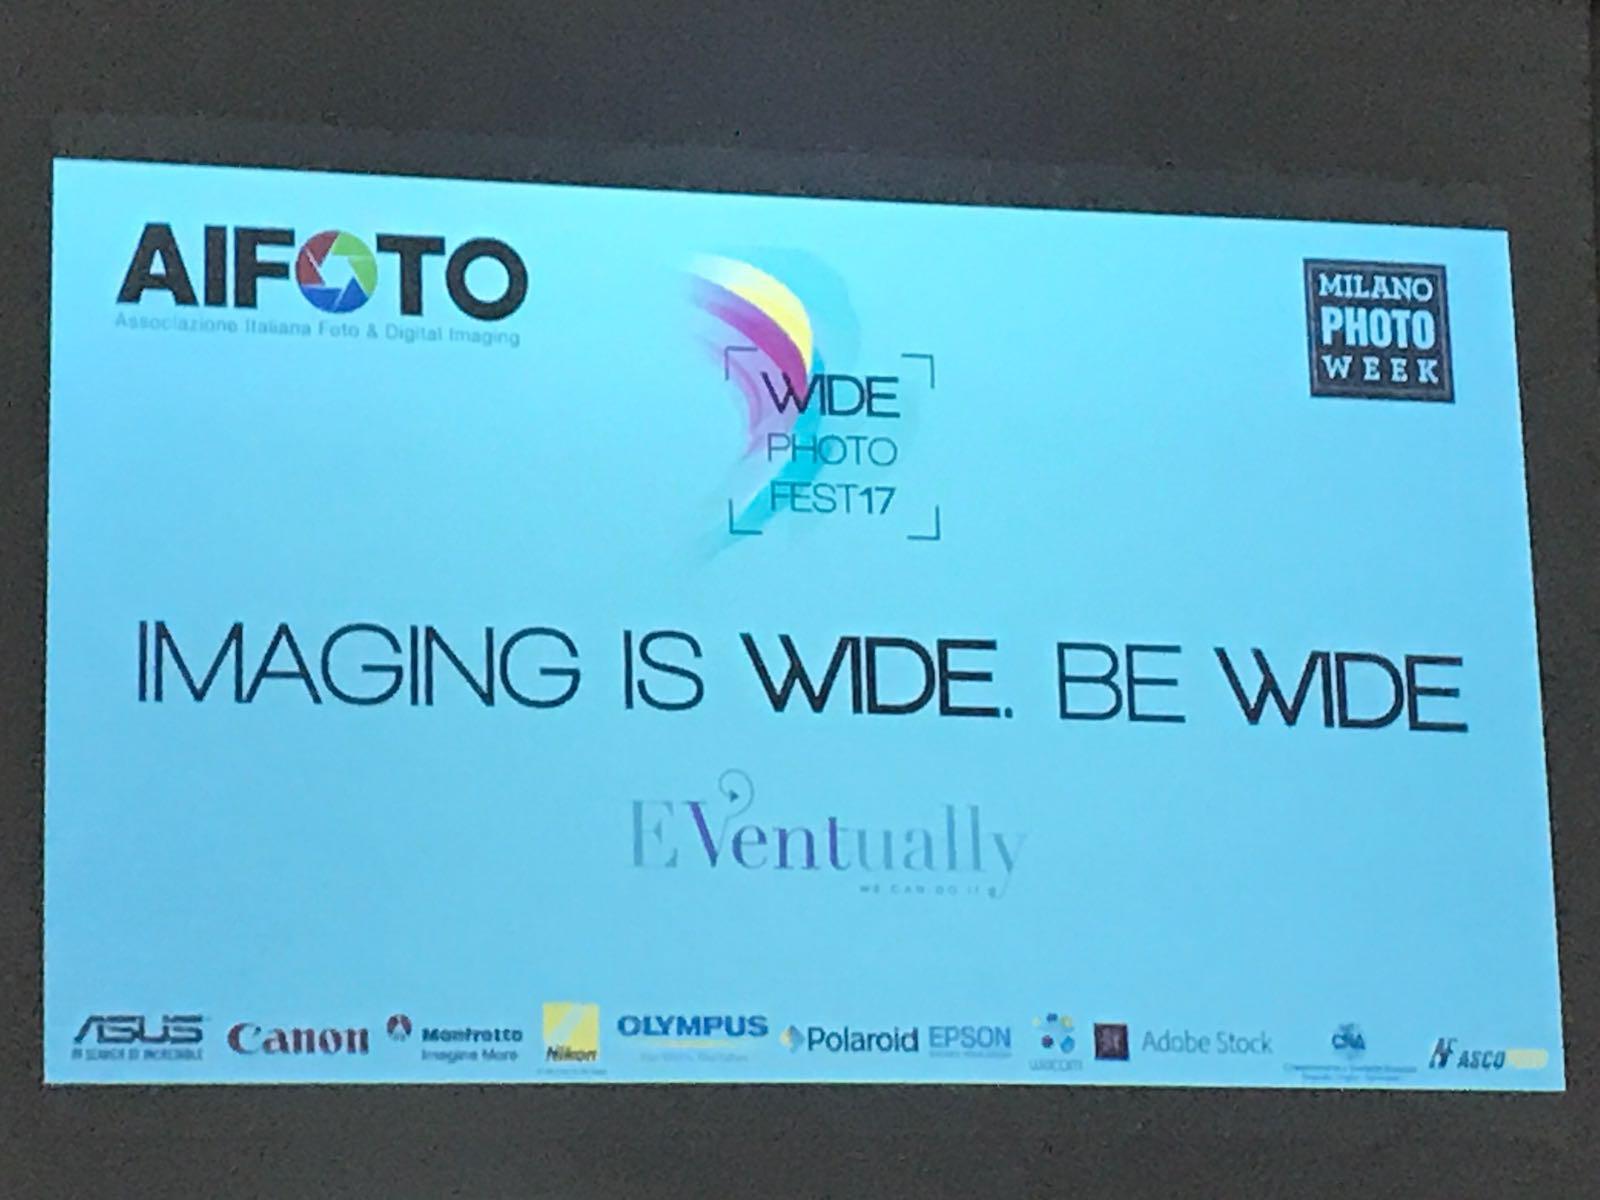 """IMG 2166 - Milano Photo Week: Il mondo della fotografia si presenta in formato """"WIDE"""""""